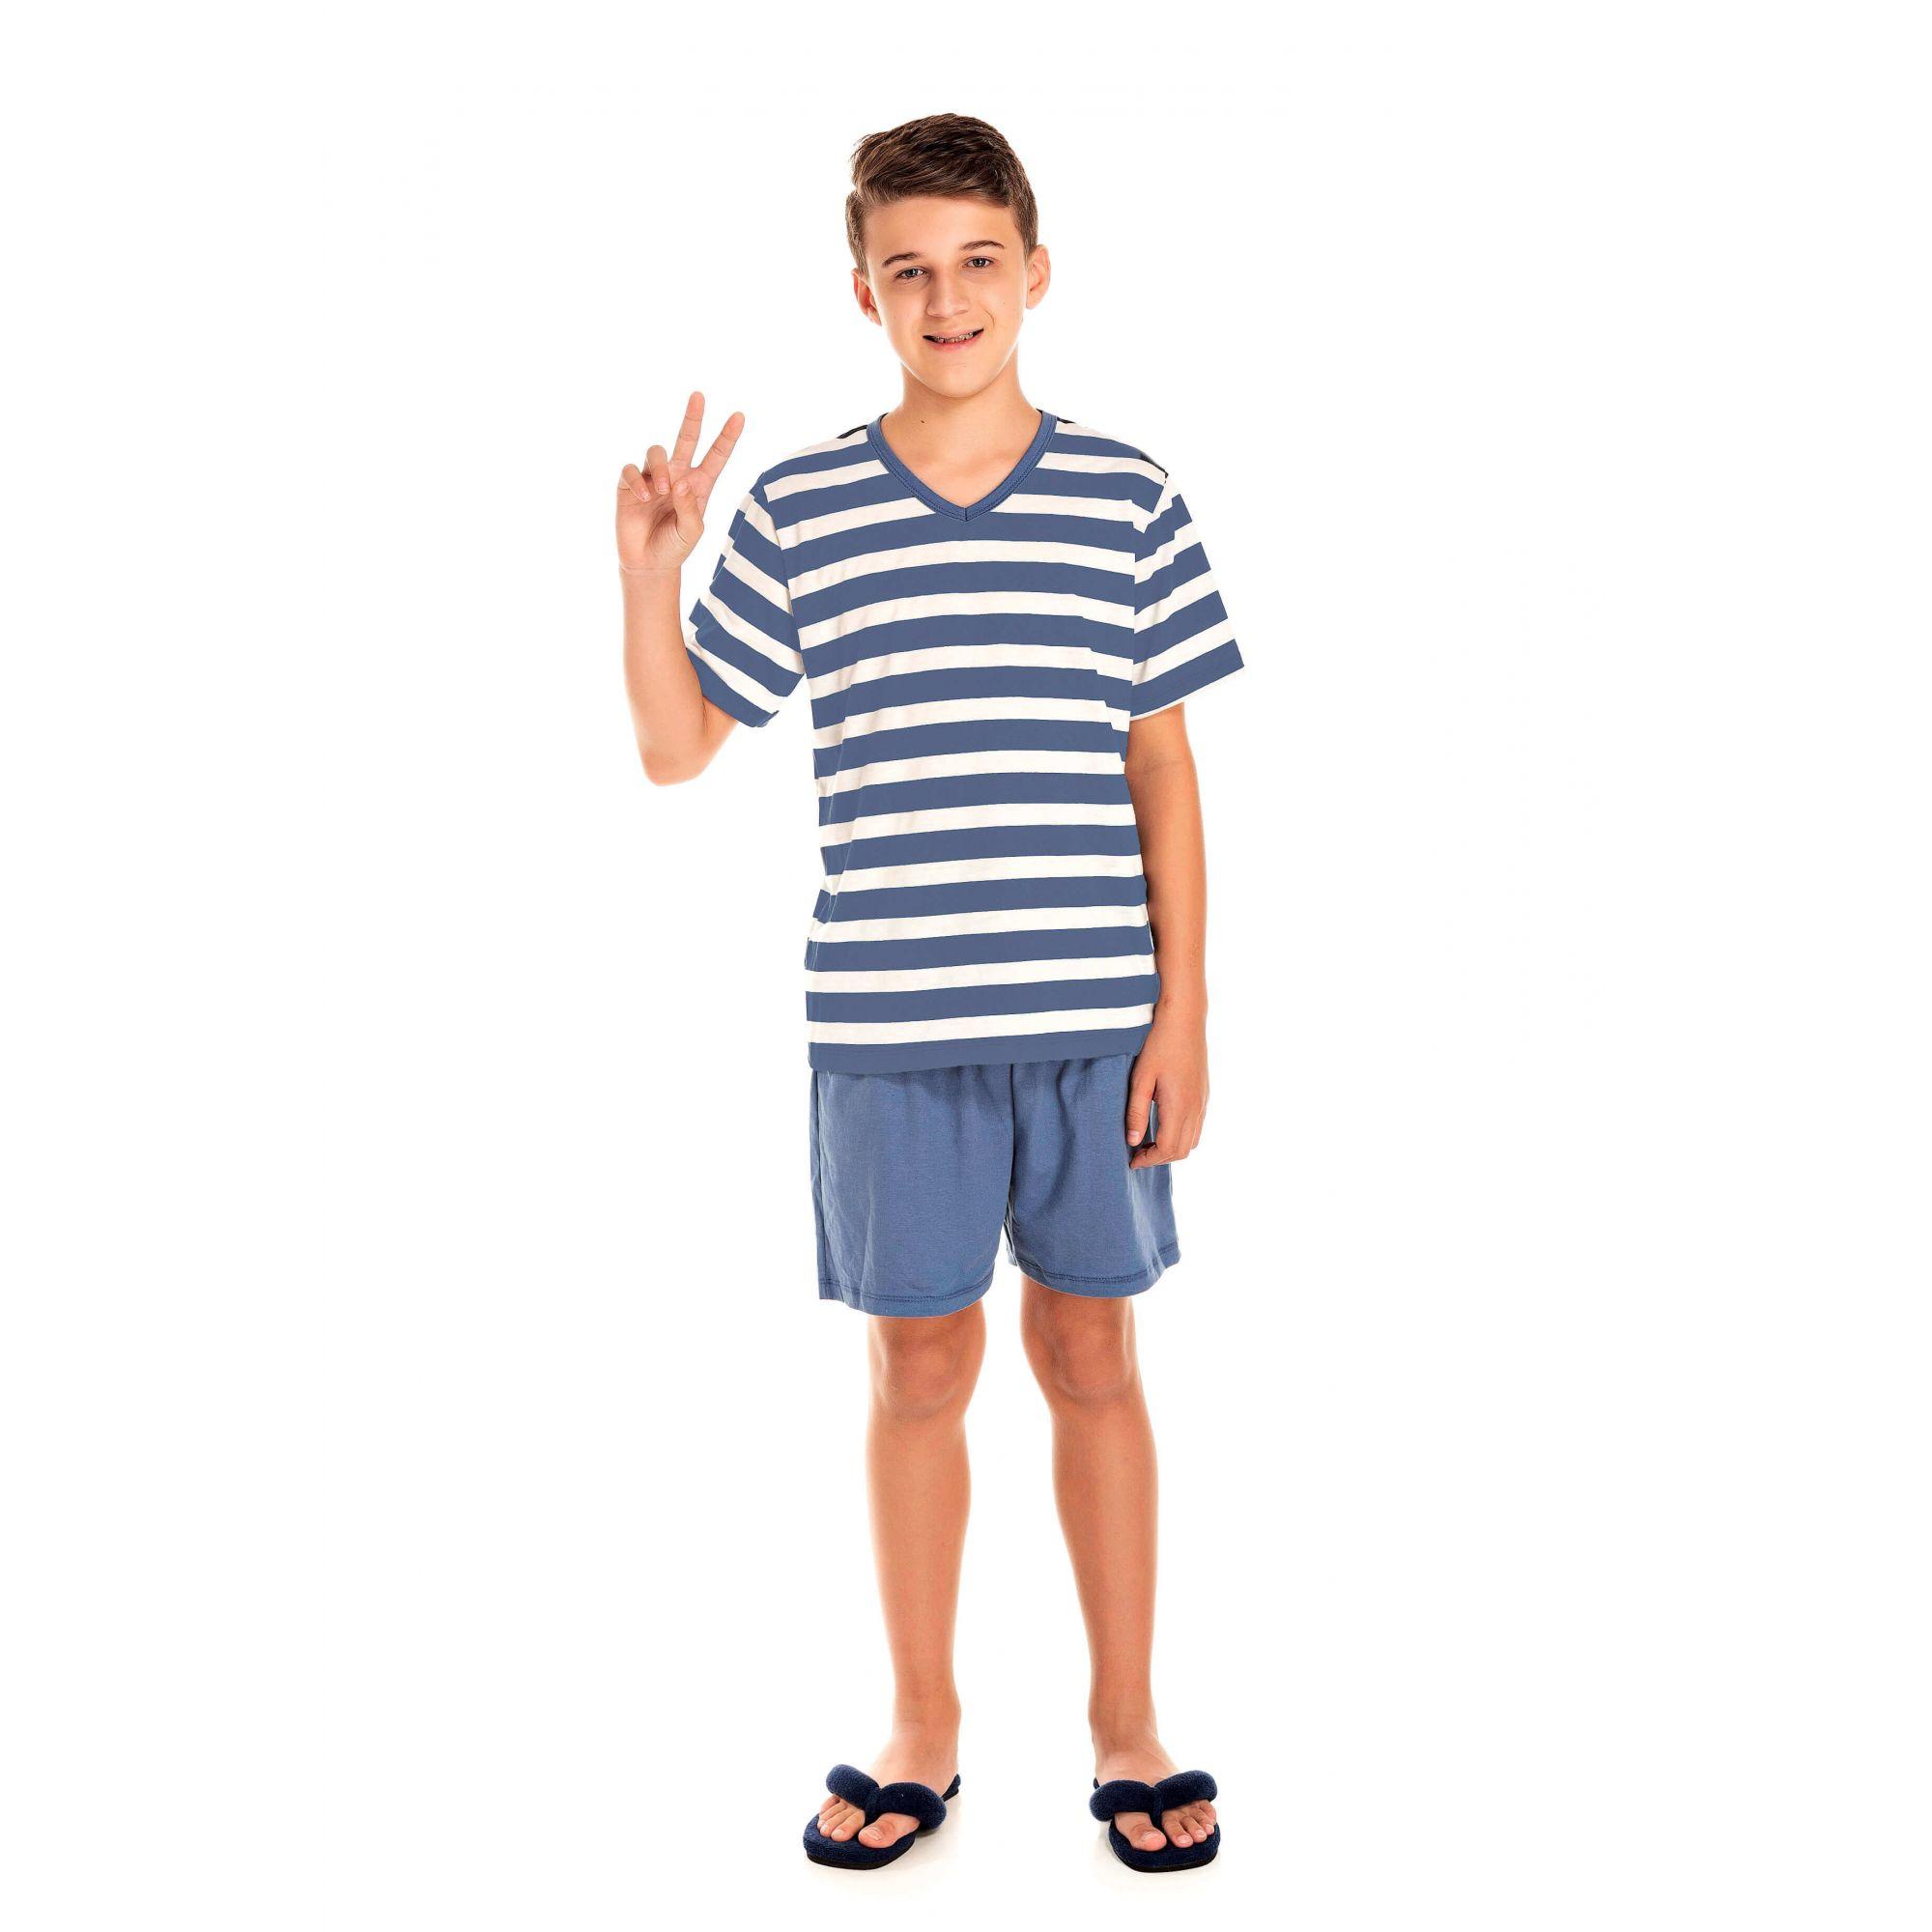 043 - Pijama Juvenil Curto - Pai e Filho